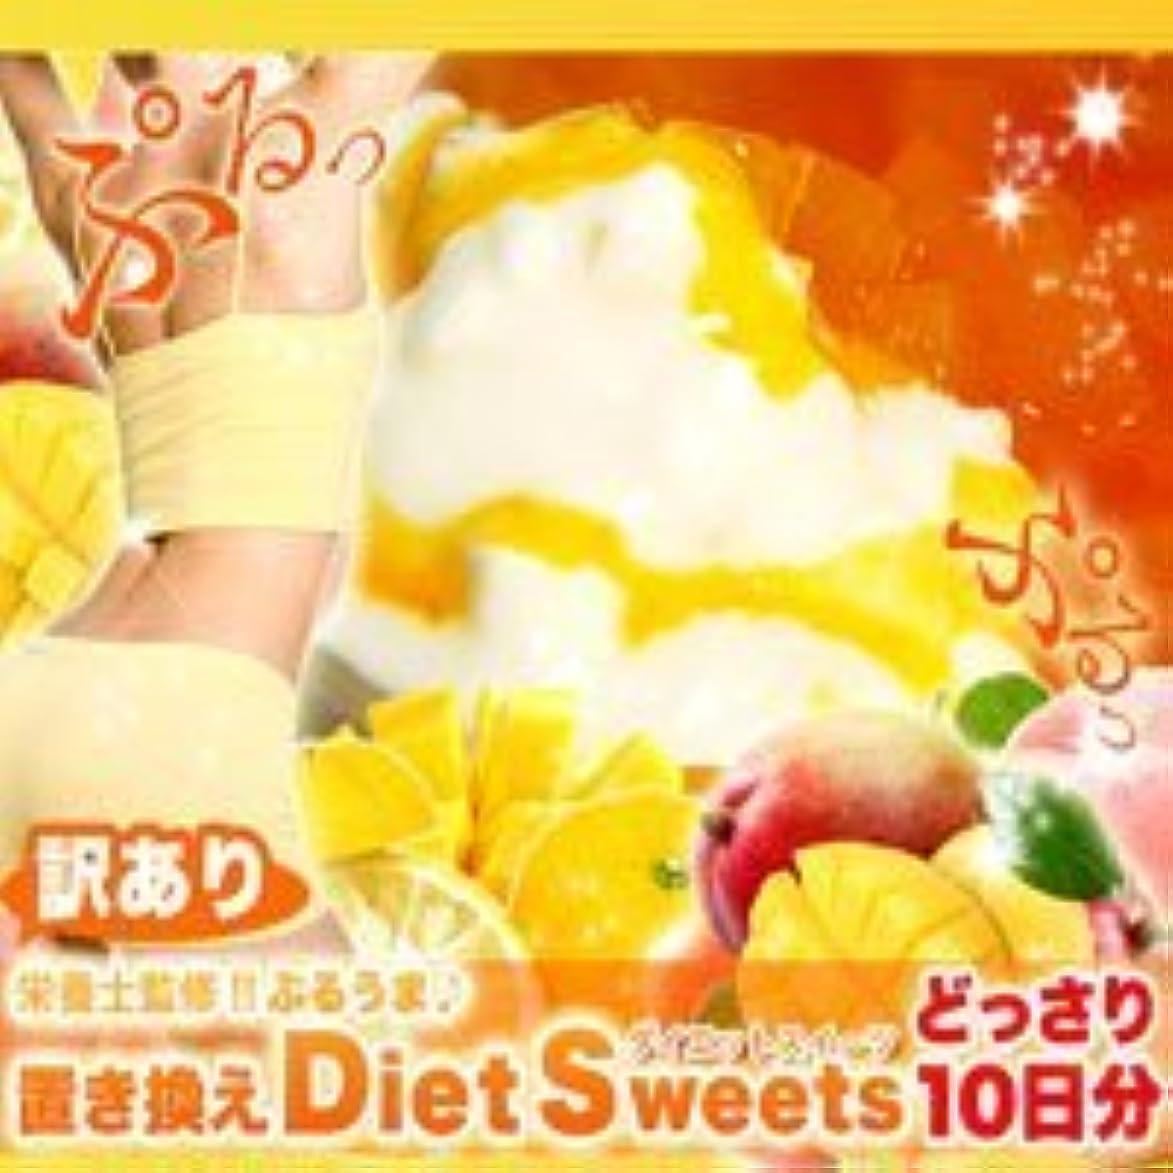 置き換えダイエットスイーツ10日分 (1箱)